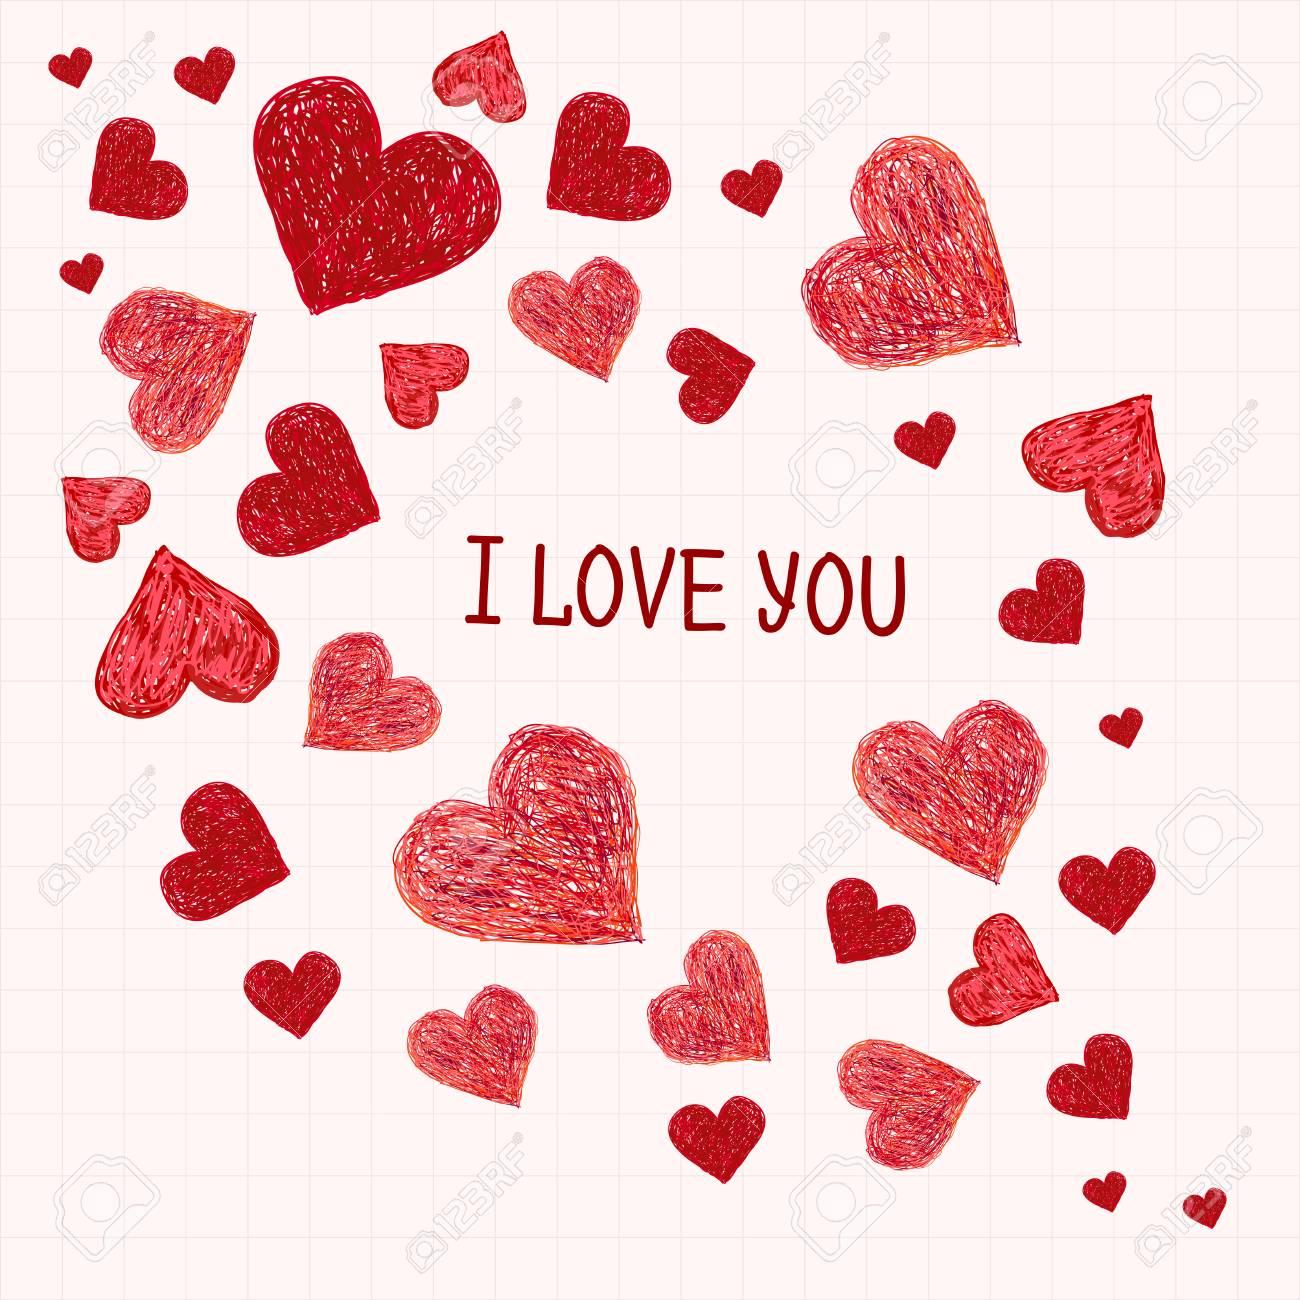 Rahmen Aus Hand Gezeichnet Roten Herzen Und Platz Für Ihren Text ...